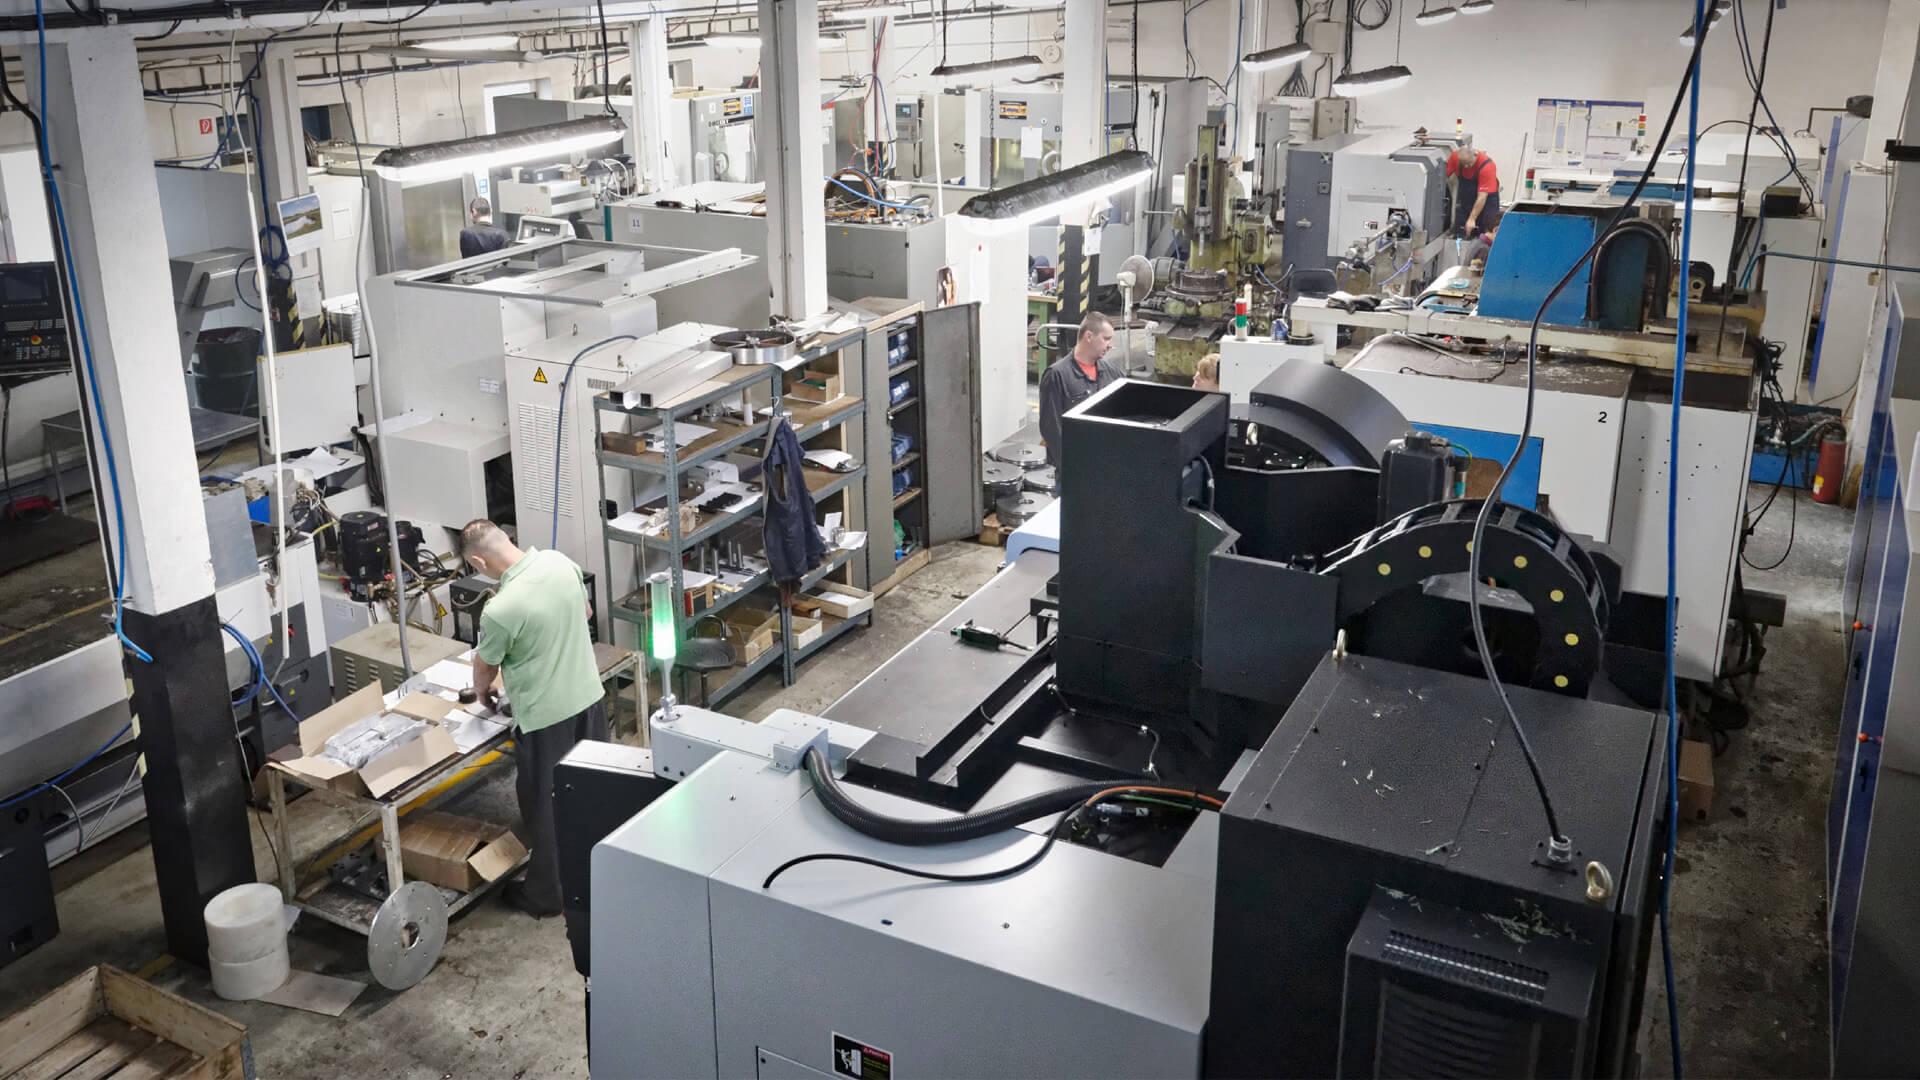 Výroba kovových súčiastok na klasických kovoobrábacích zariadeniach